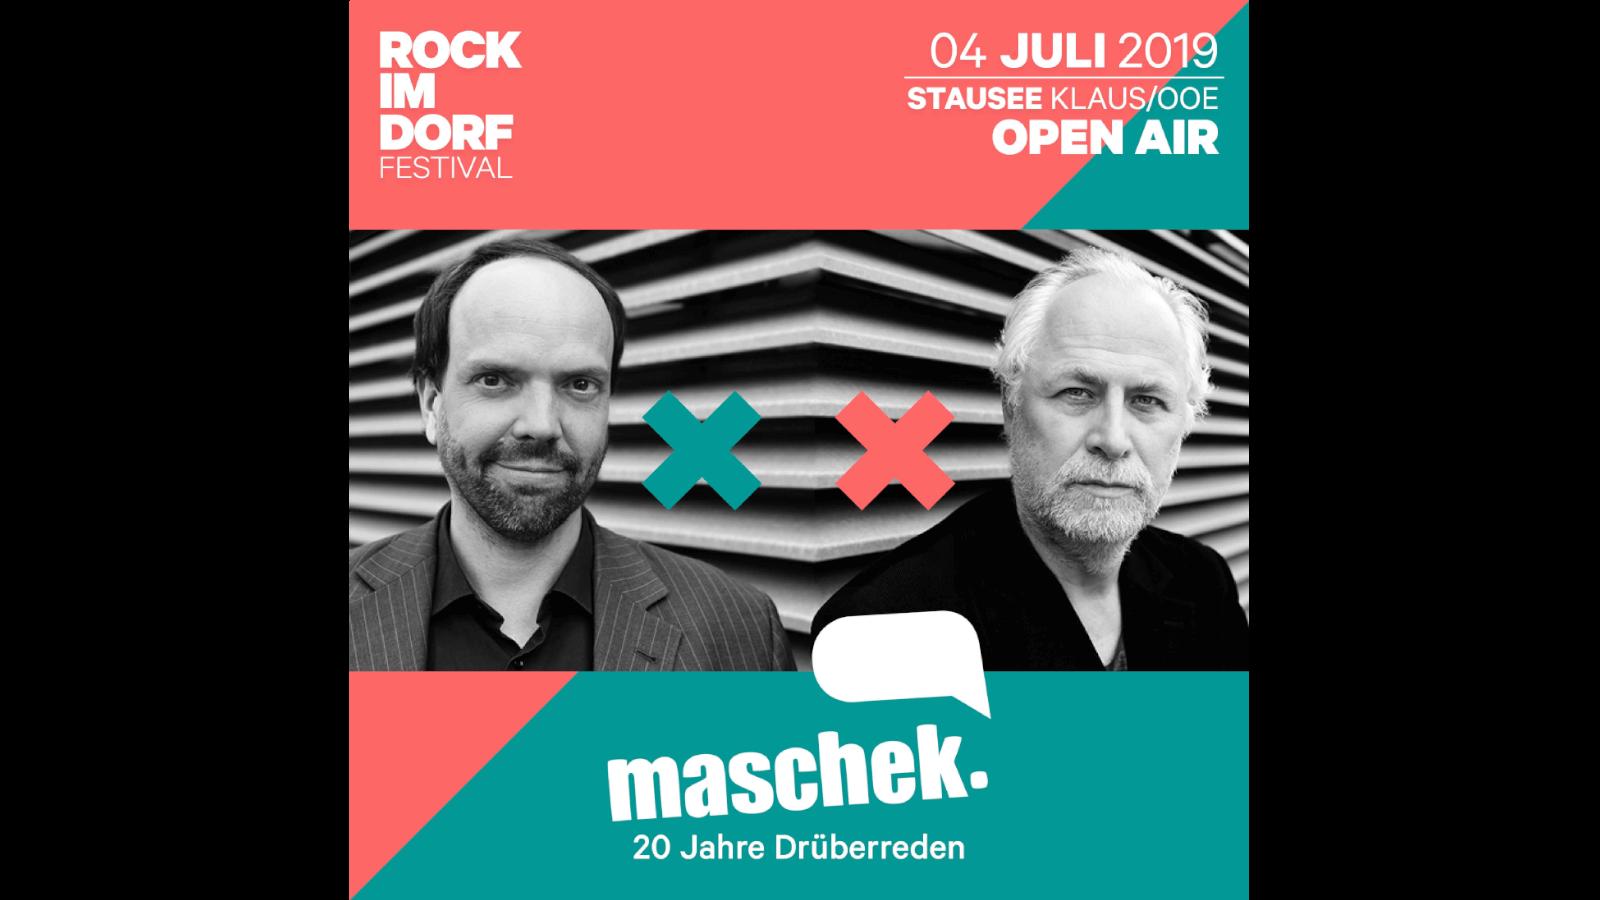 Rock im Dorf Festival 2019 - Donnerstag - Kabarett am See mit maschek.